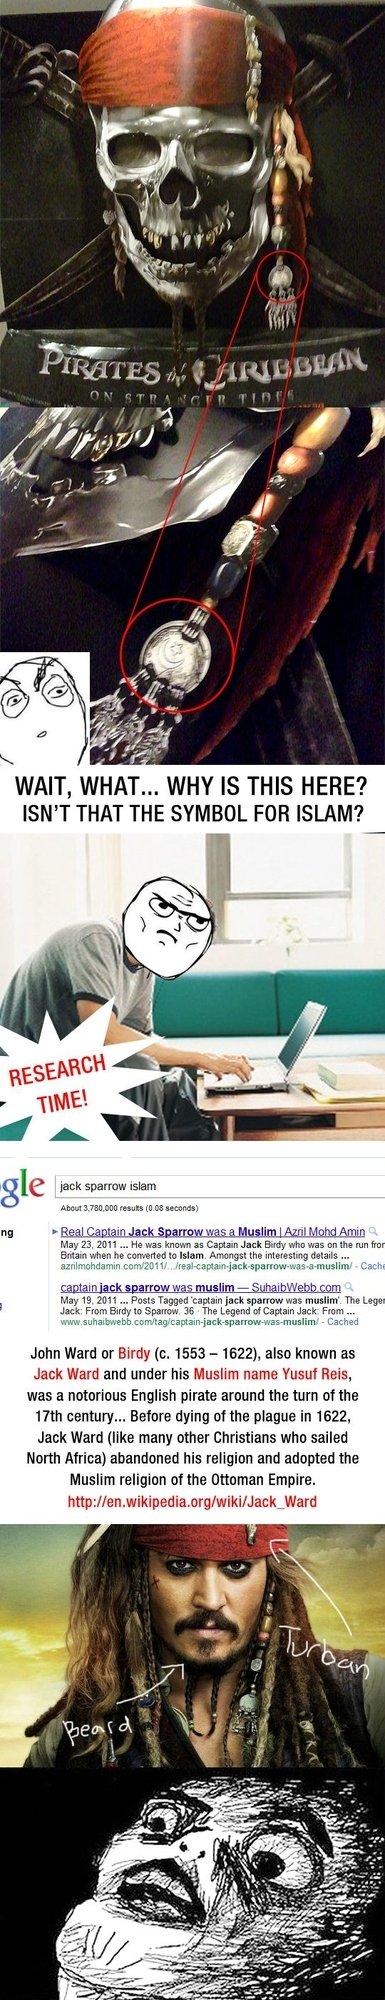 Captain Jack Sparrow Was A Muslim